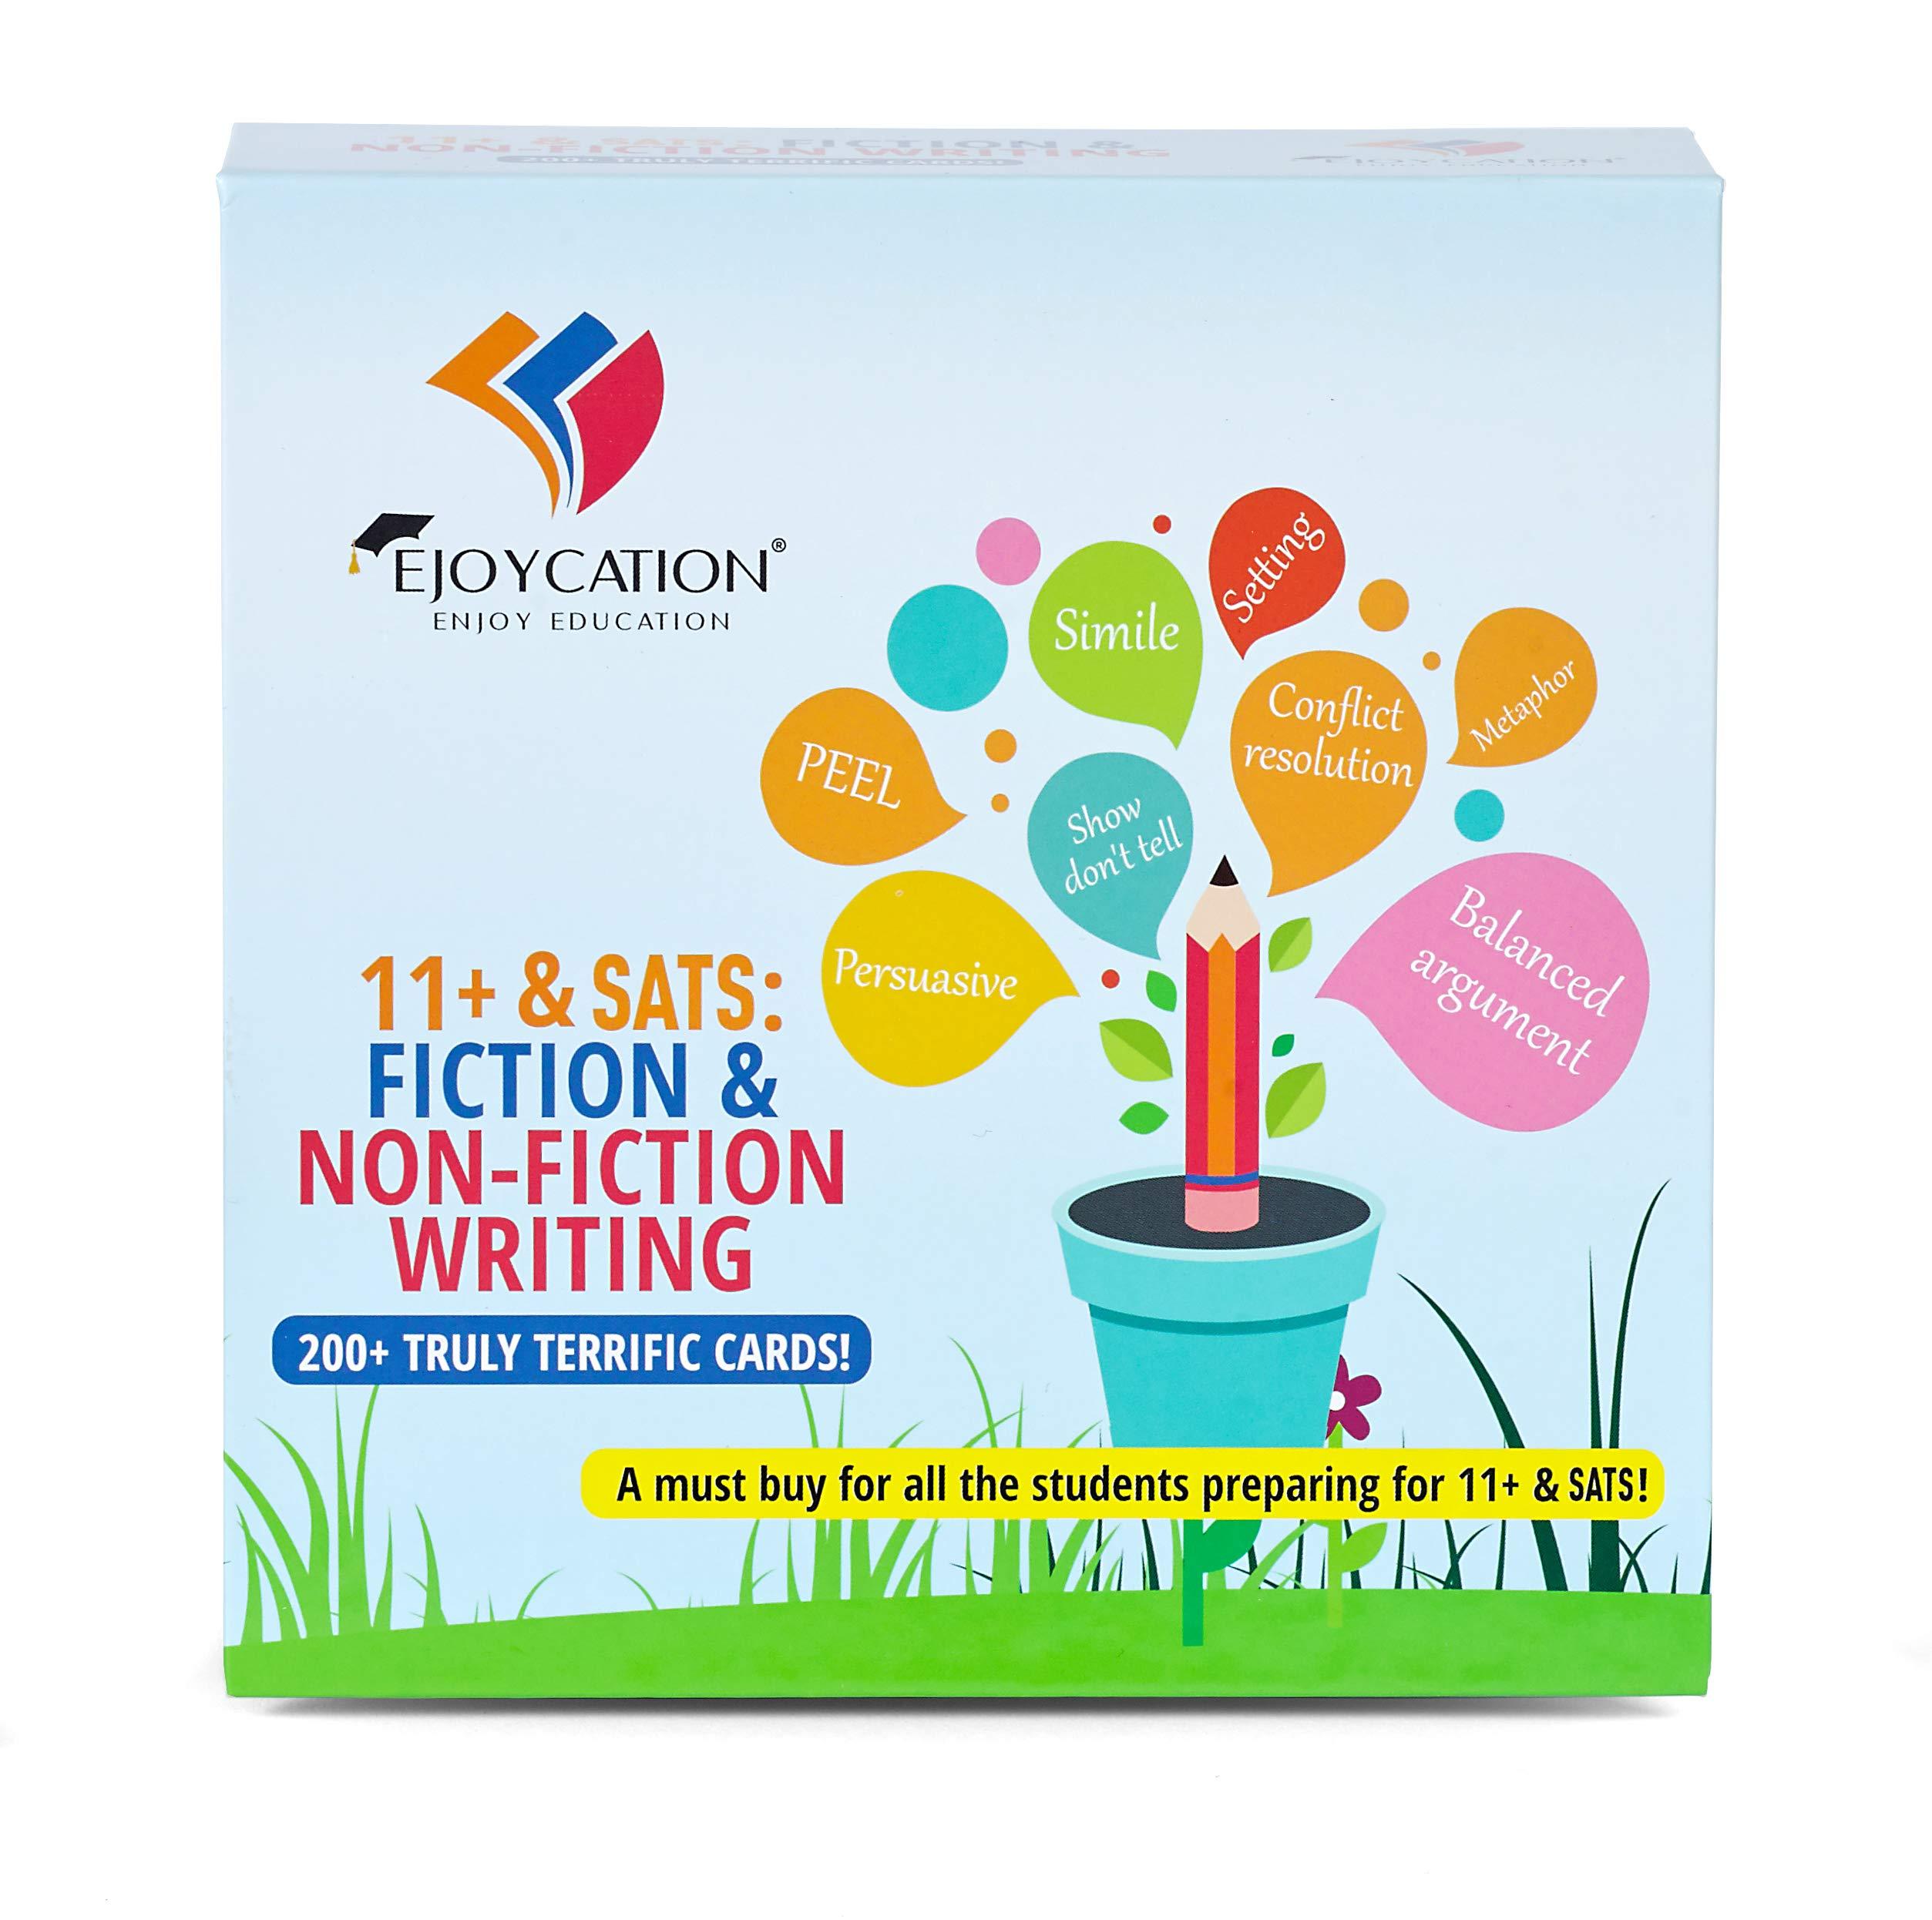 11+ & SATS: Fiction & Non-Fiction Writing